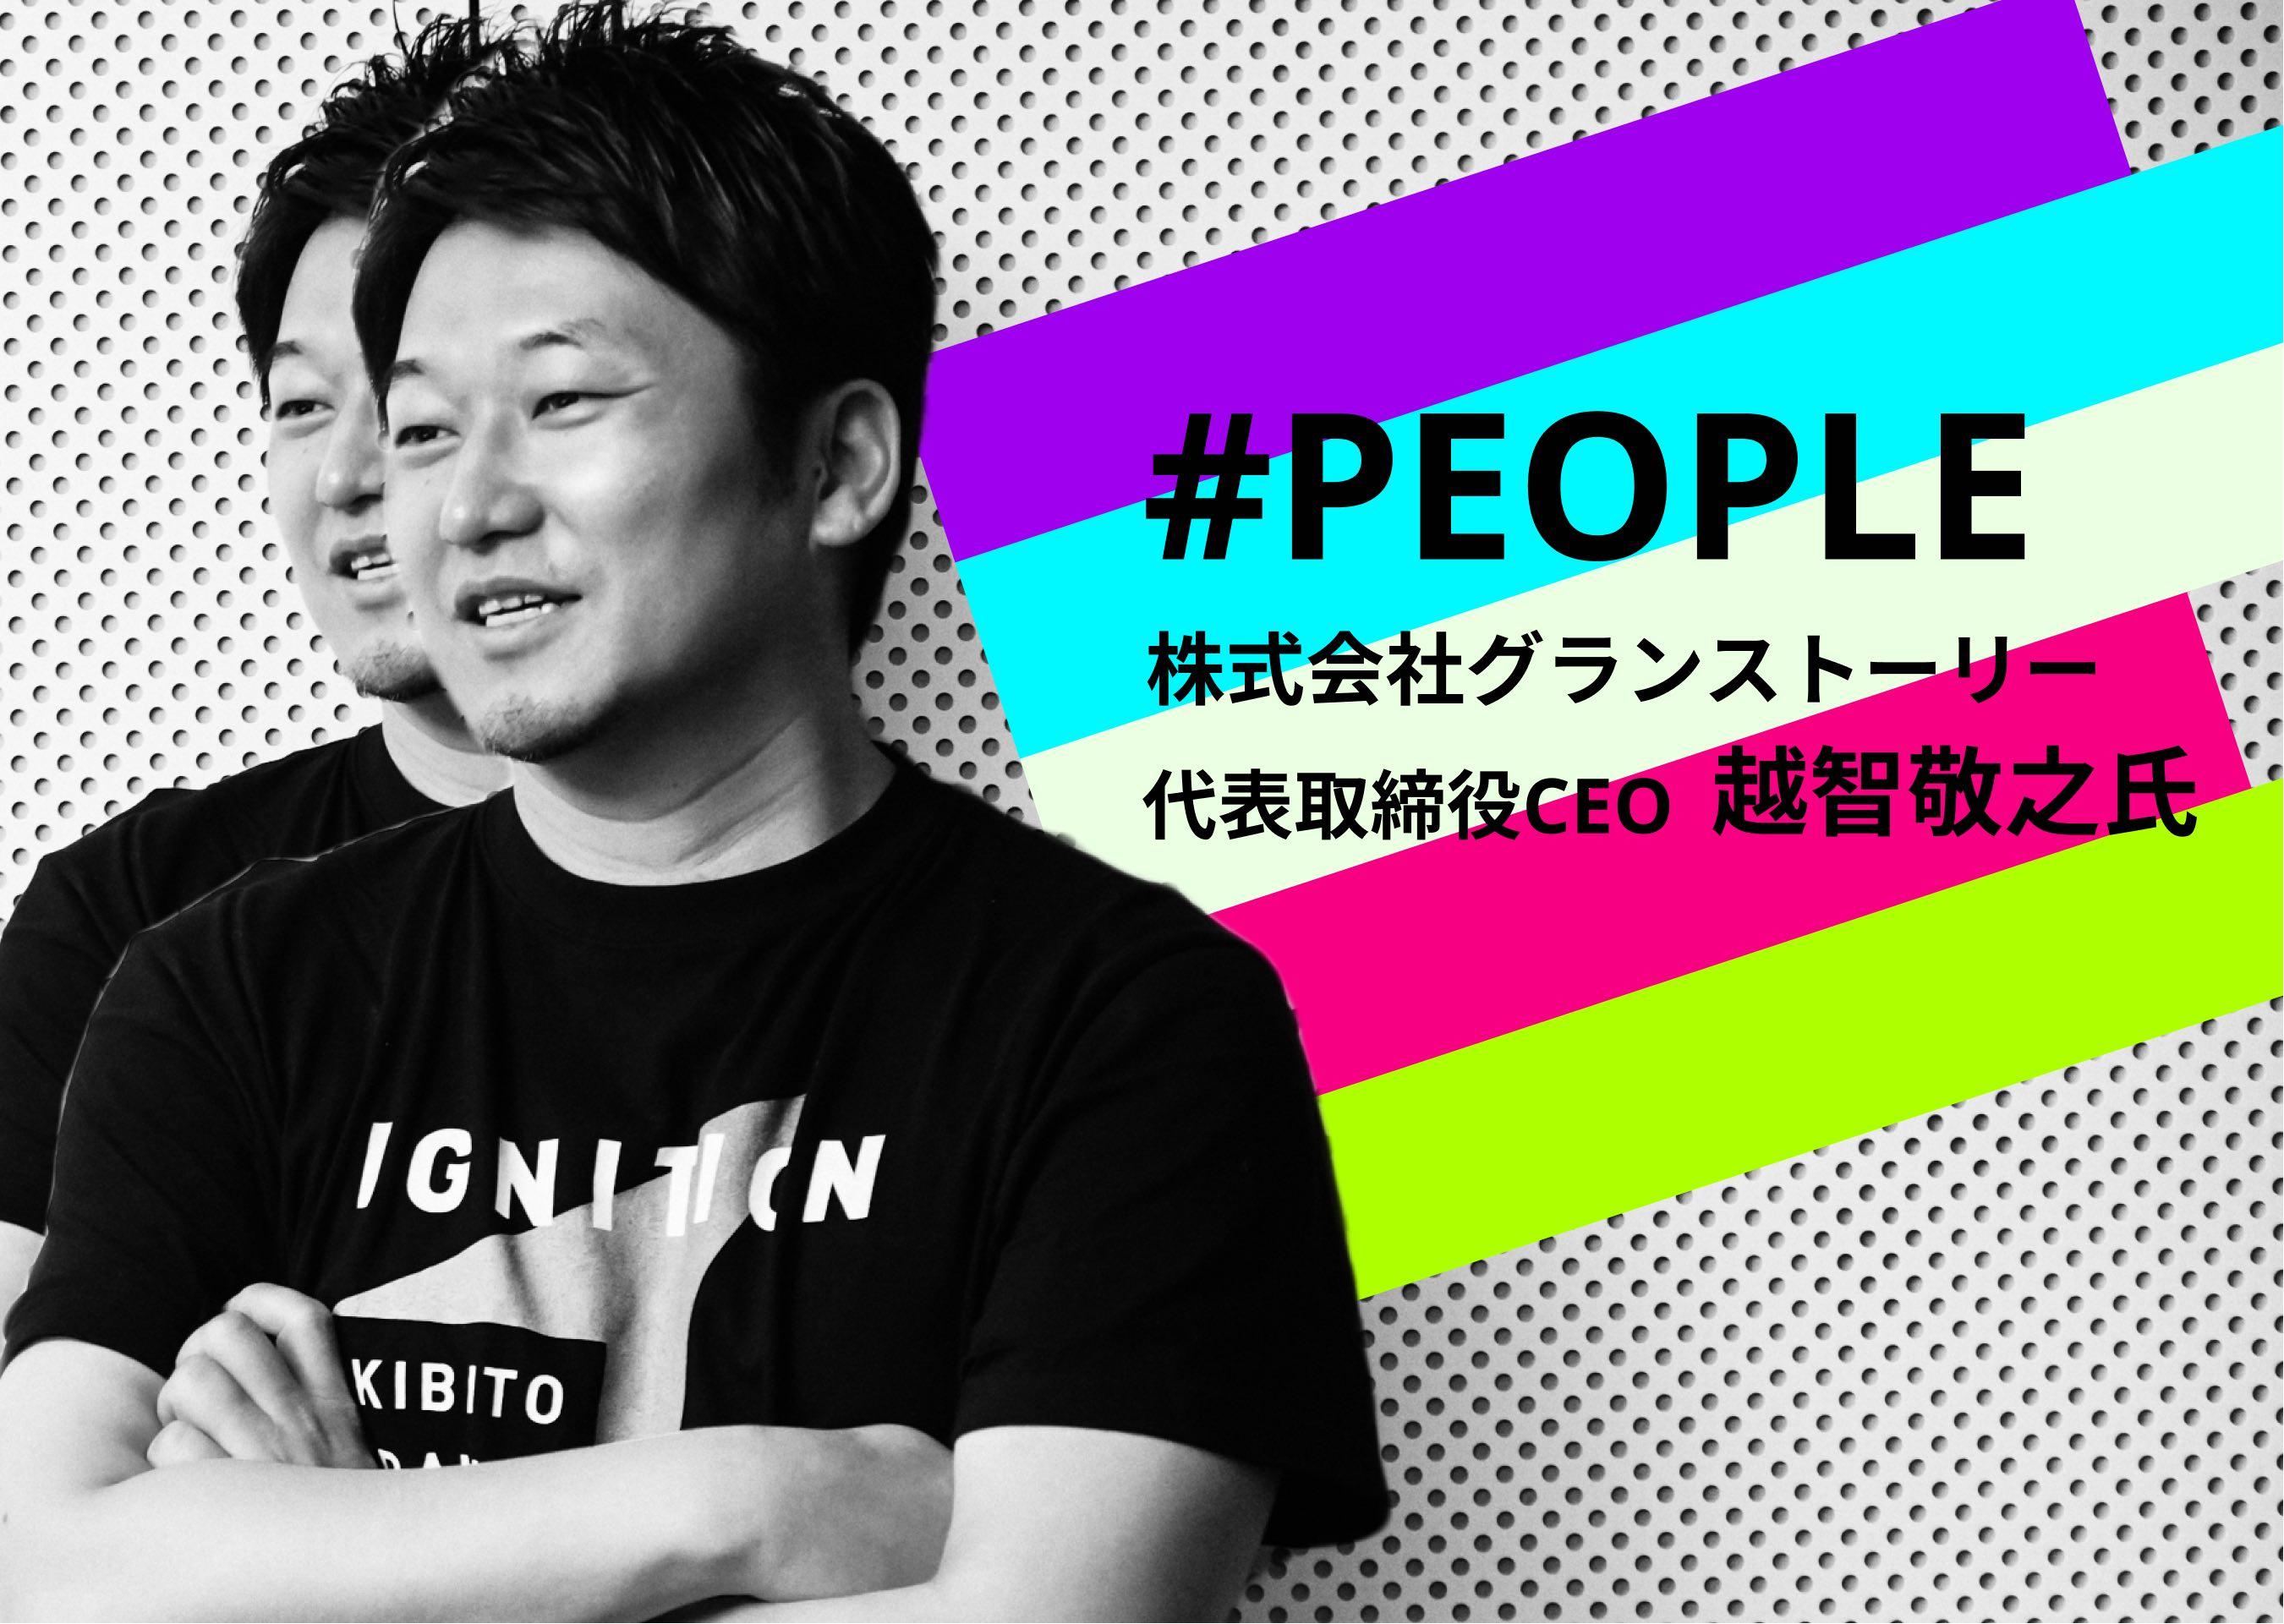 #PEOPLE | グランストーリー・越智氏――磁場を作り出し、事業を成功に導くリーダーのあり方とは?